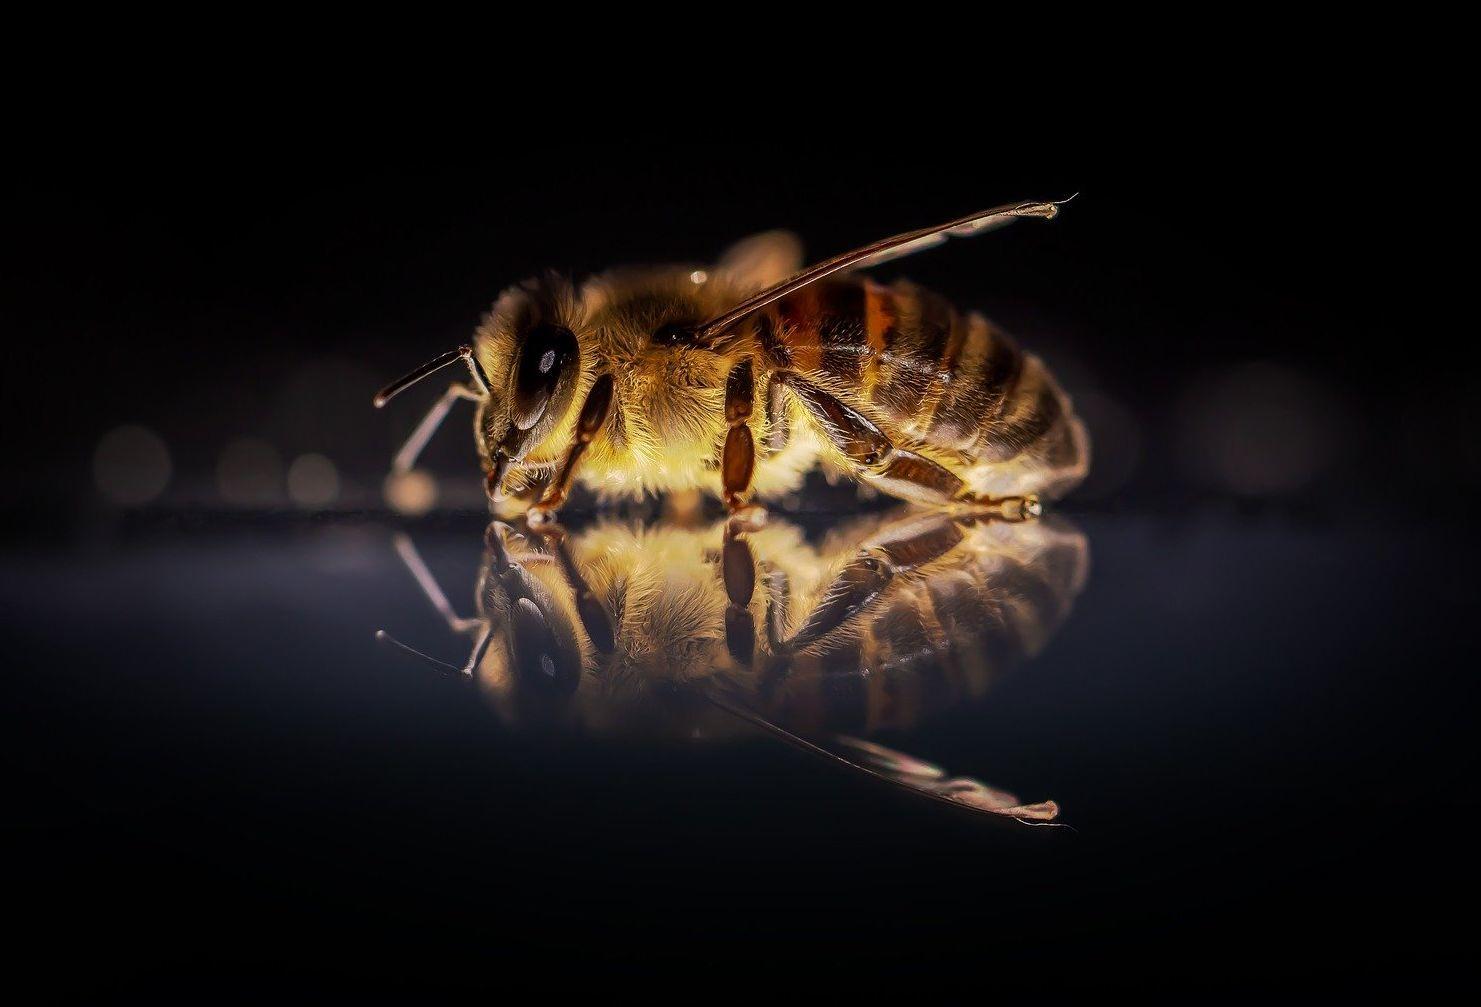 Paraziták a méhek számára - Az atkák génjeiben rejtőzhet a méhek kaptárelhagyásának megoldása